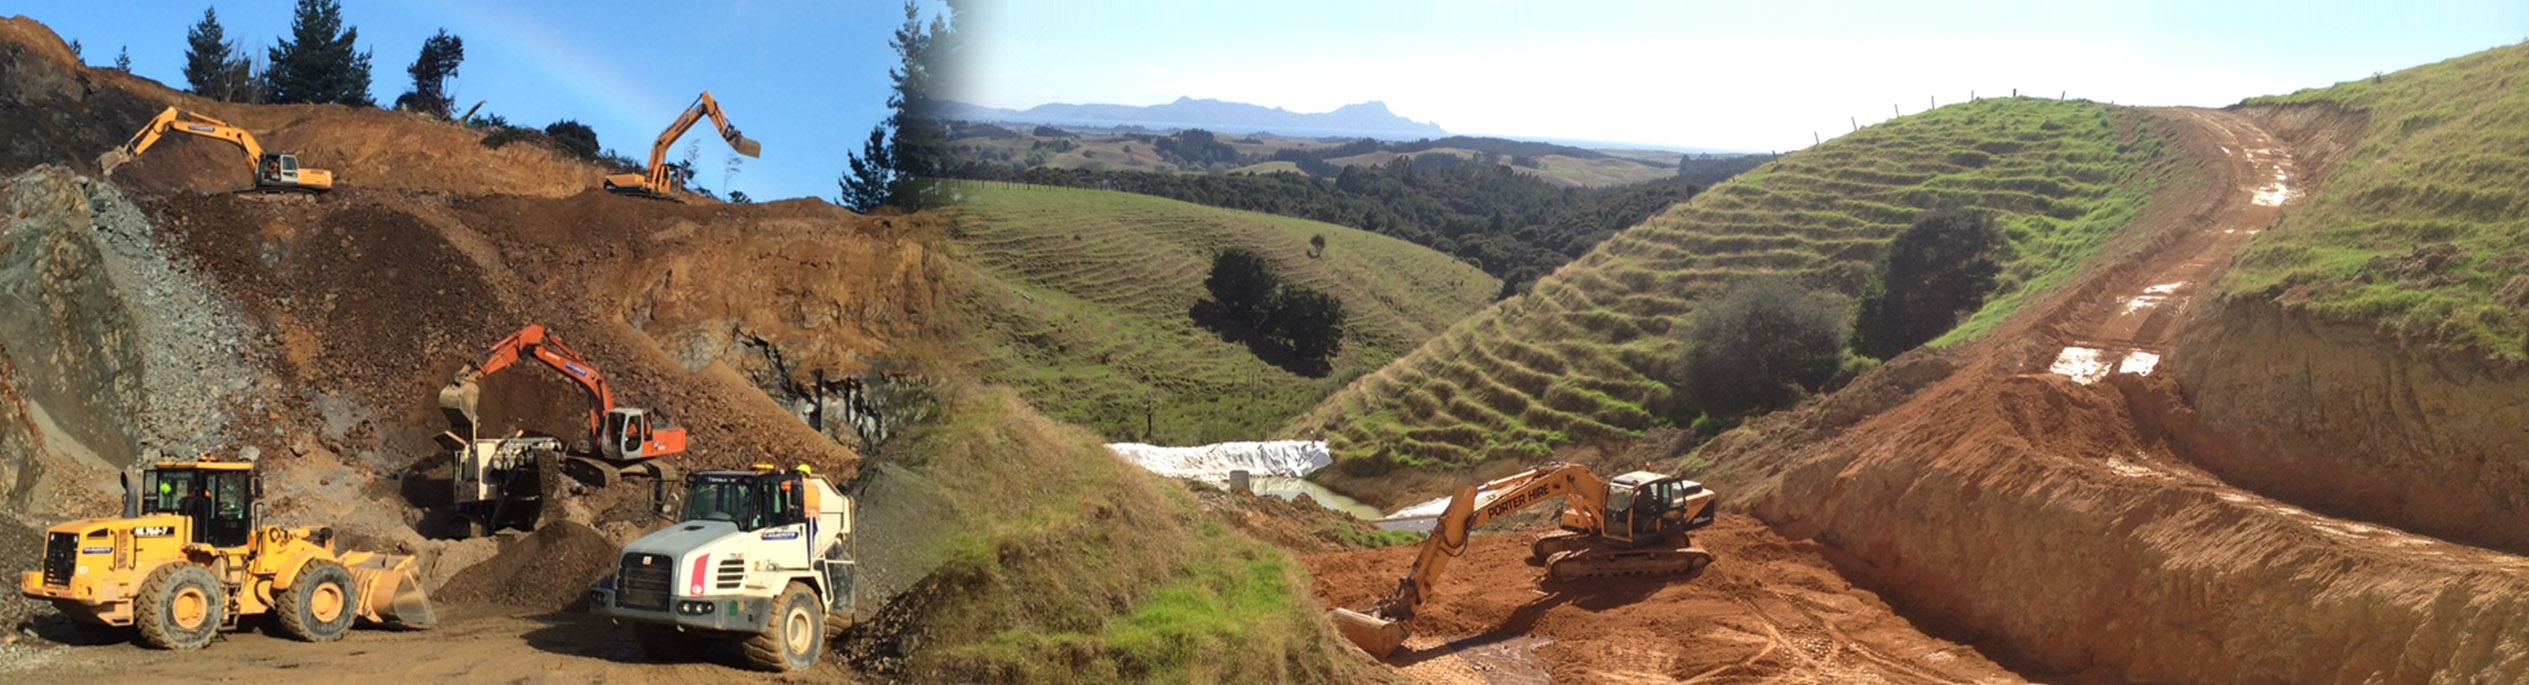 Clements Contractors LTD - landscaping rocks, clean topsoil, garden ...